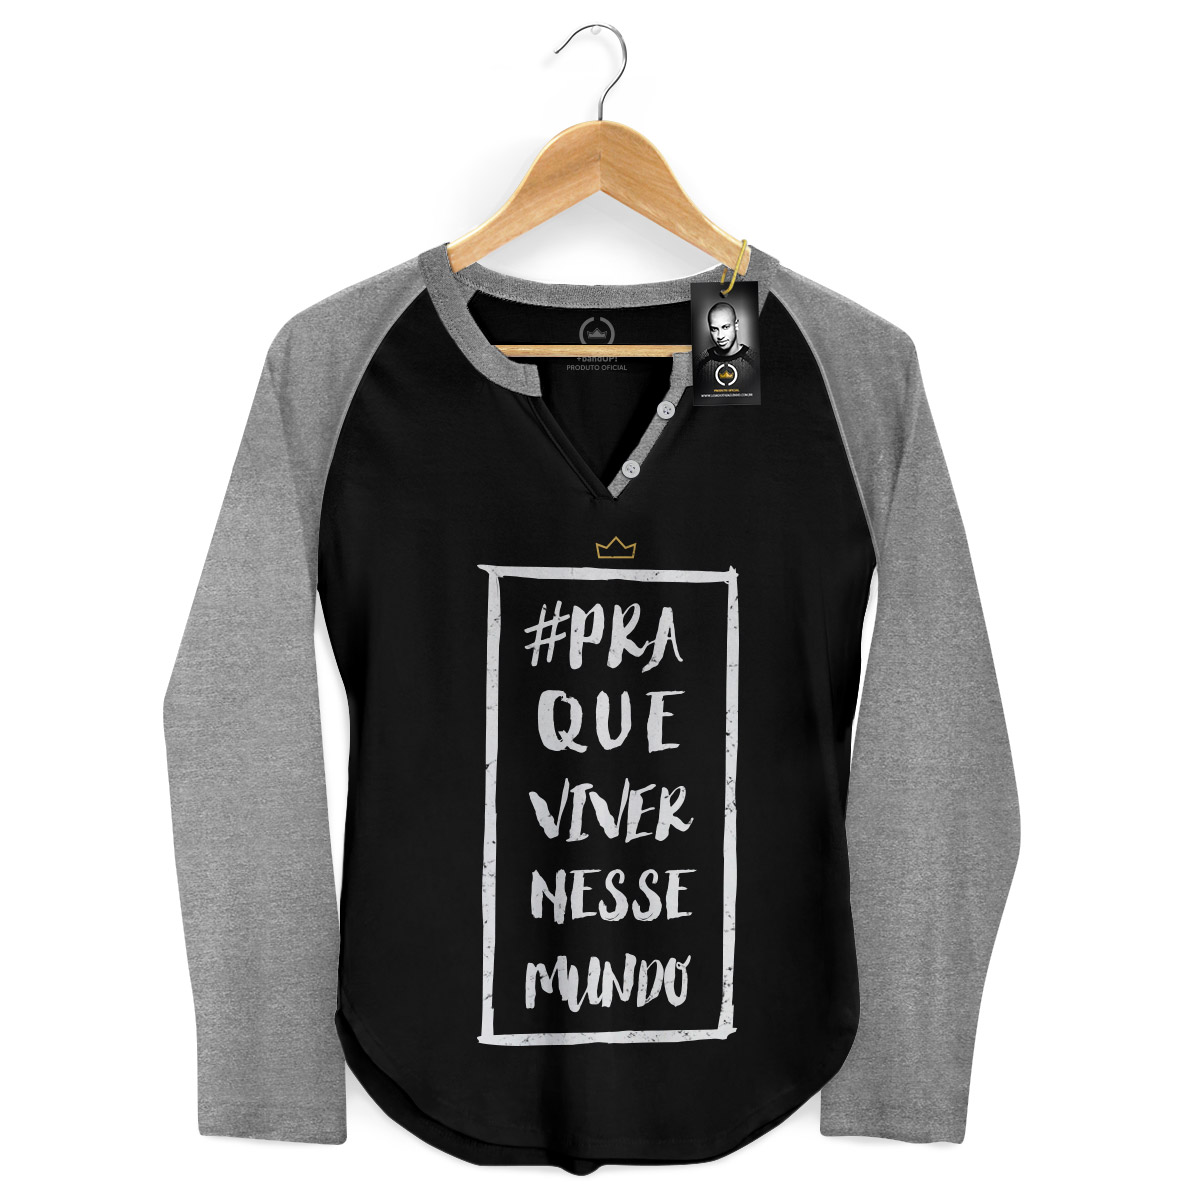 Camiseta Raglan Feminina Thiaguinho Pra Que Viver Nesse Mundo